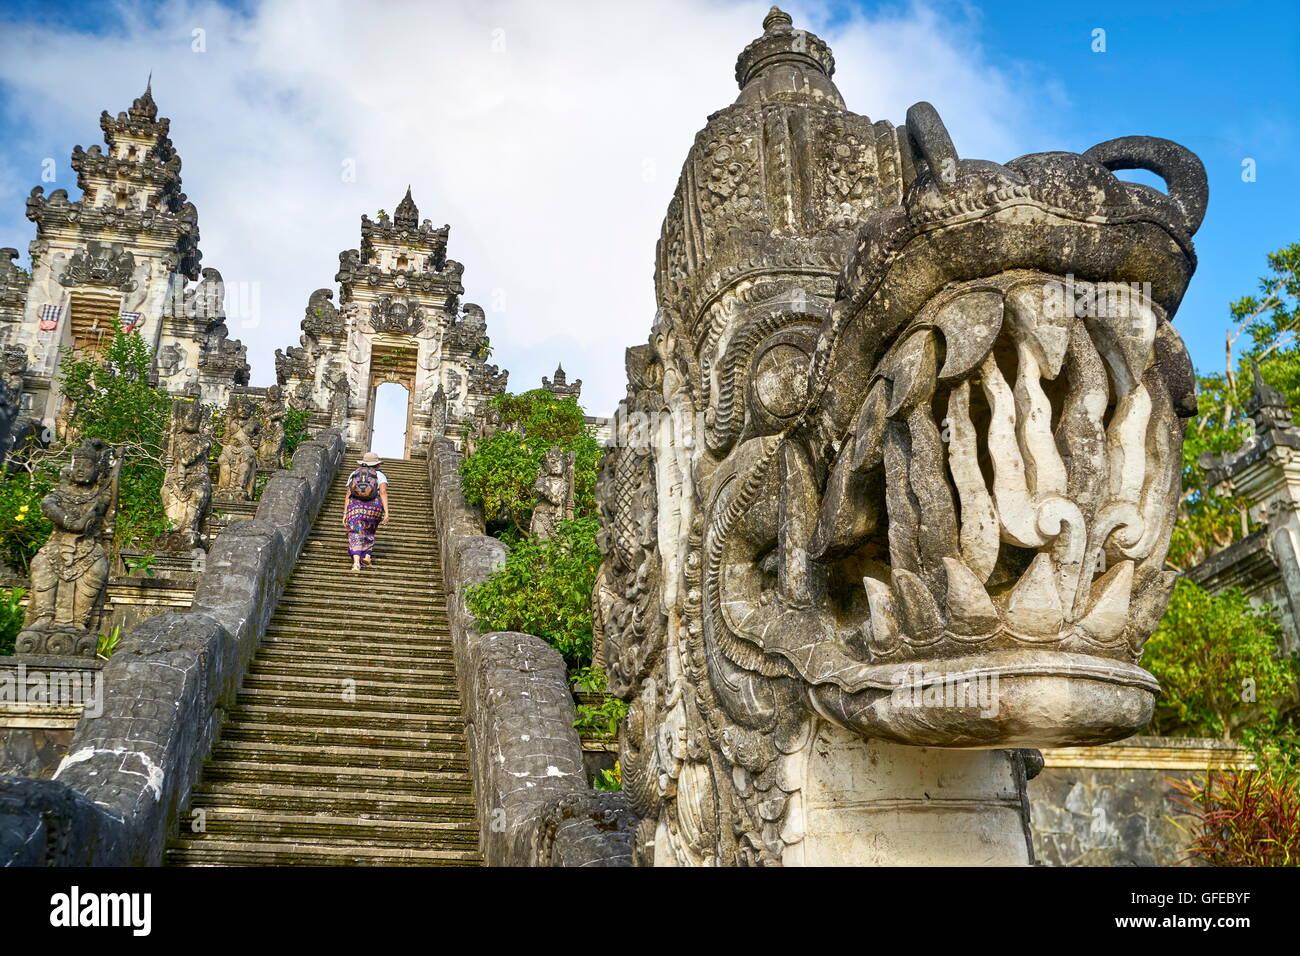 Face of dragon, Pura Penataran Lempuyang Temple, Bali, Indonesia - Stock Image